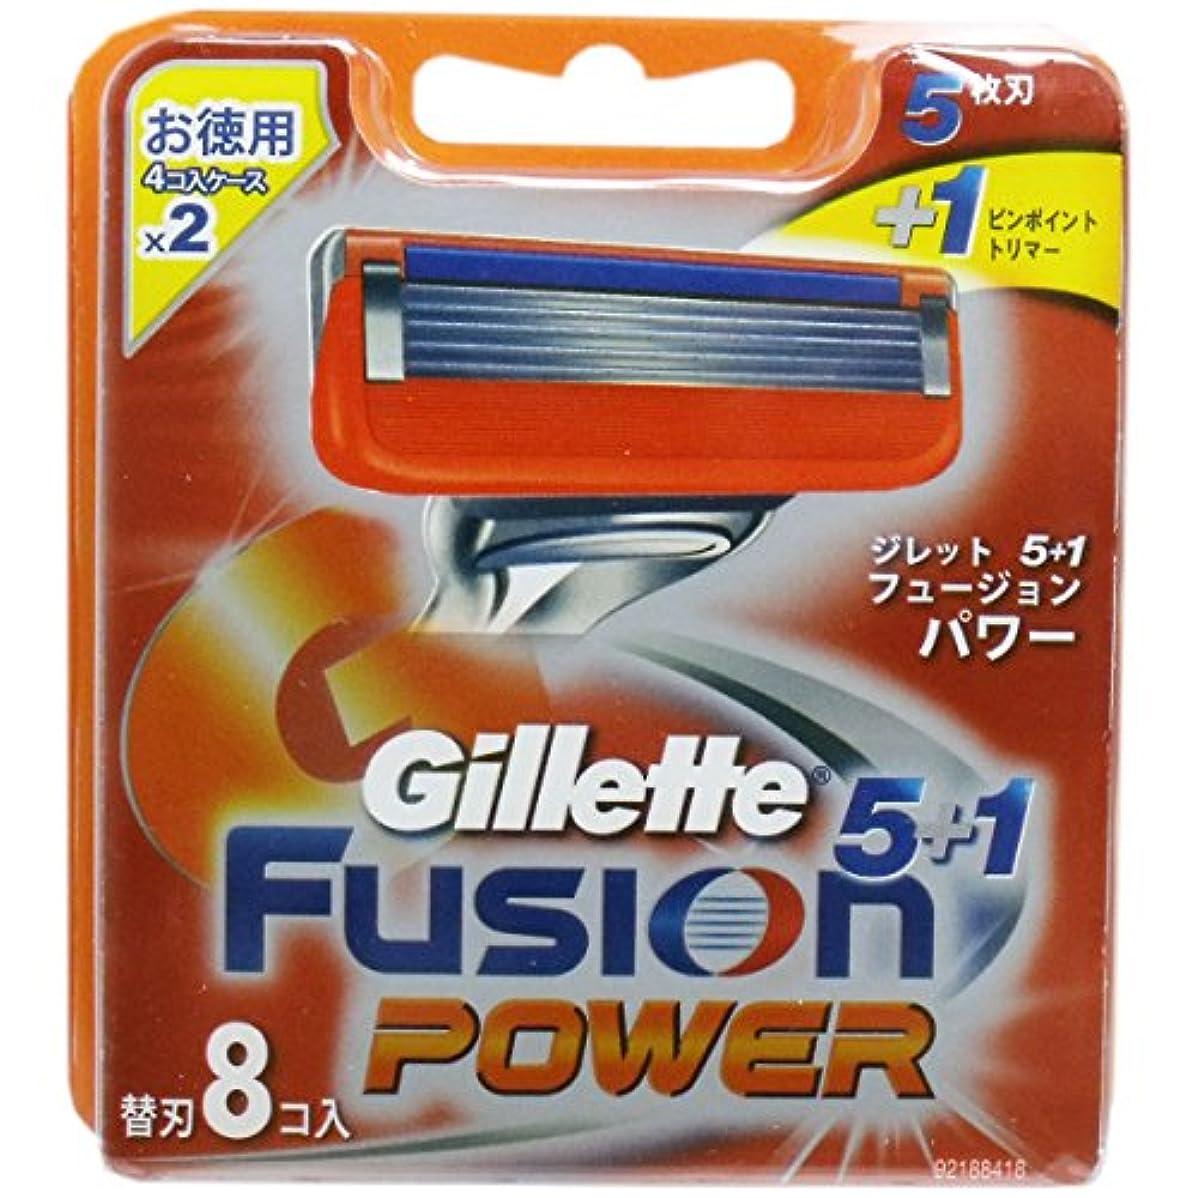 義務付けられた繁栄戦士ジレット フュージョン5+1 パワー 替刃8個入×10個セット